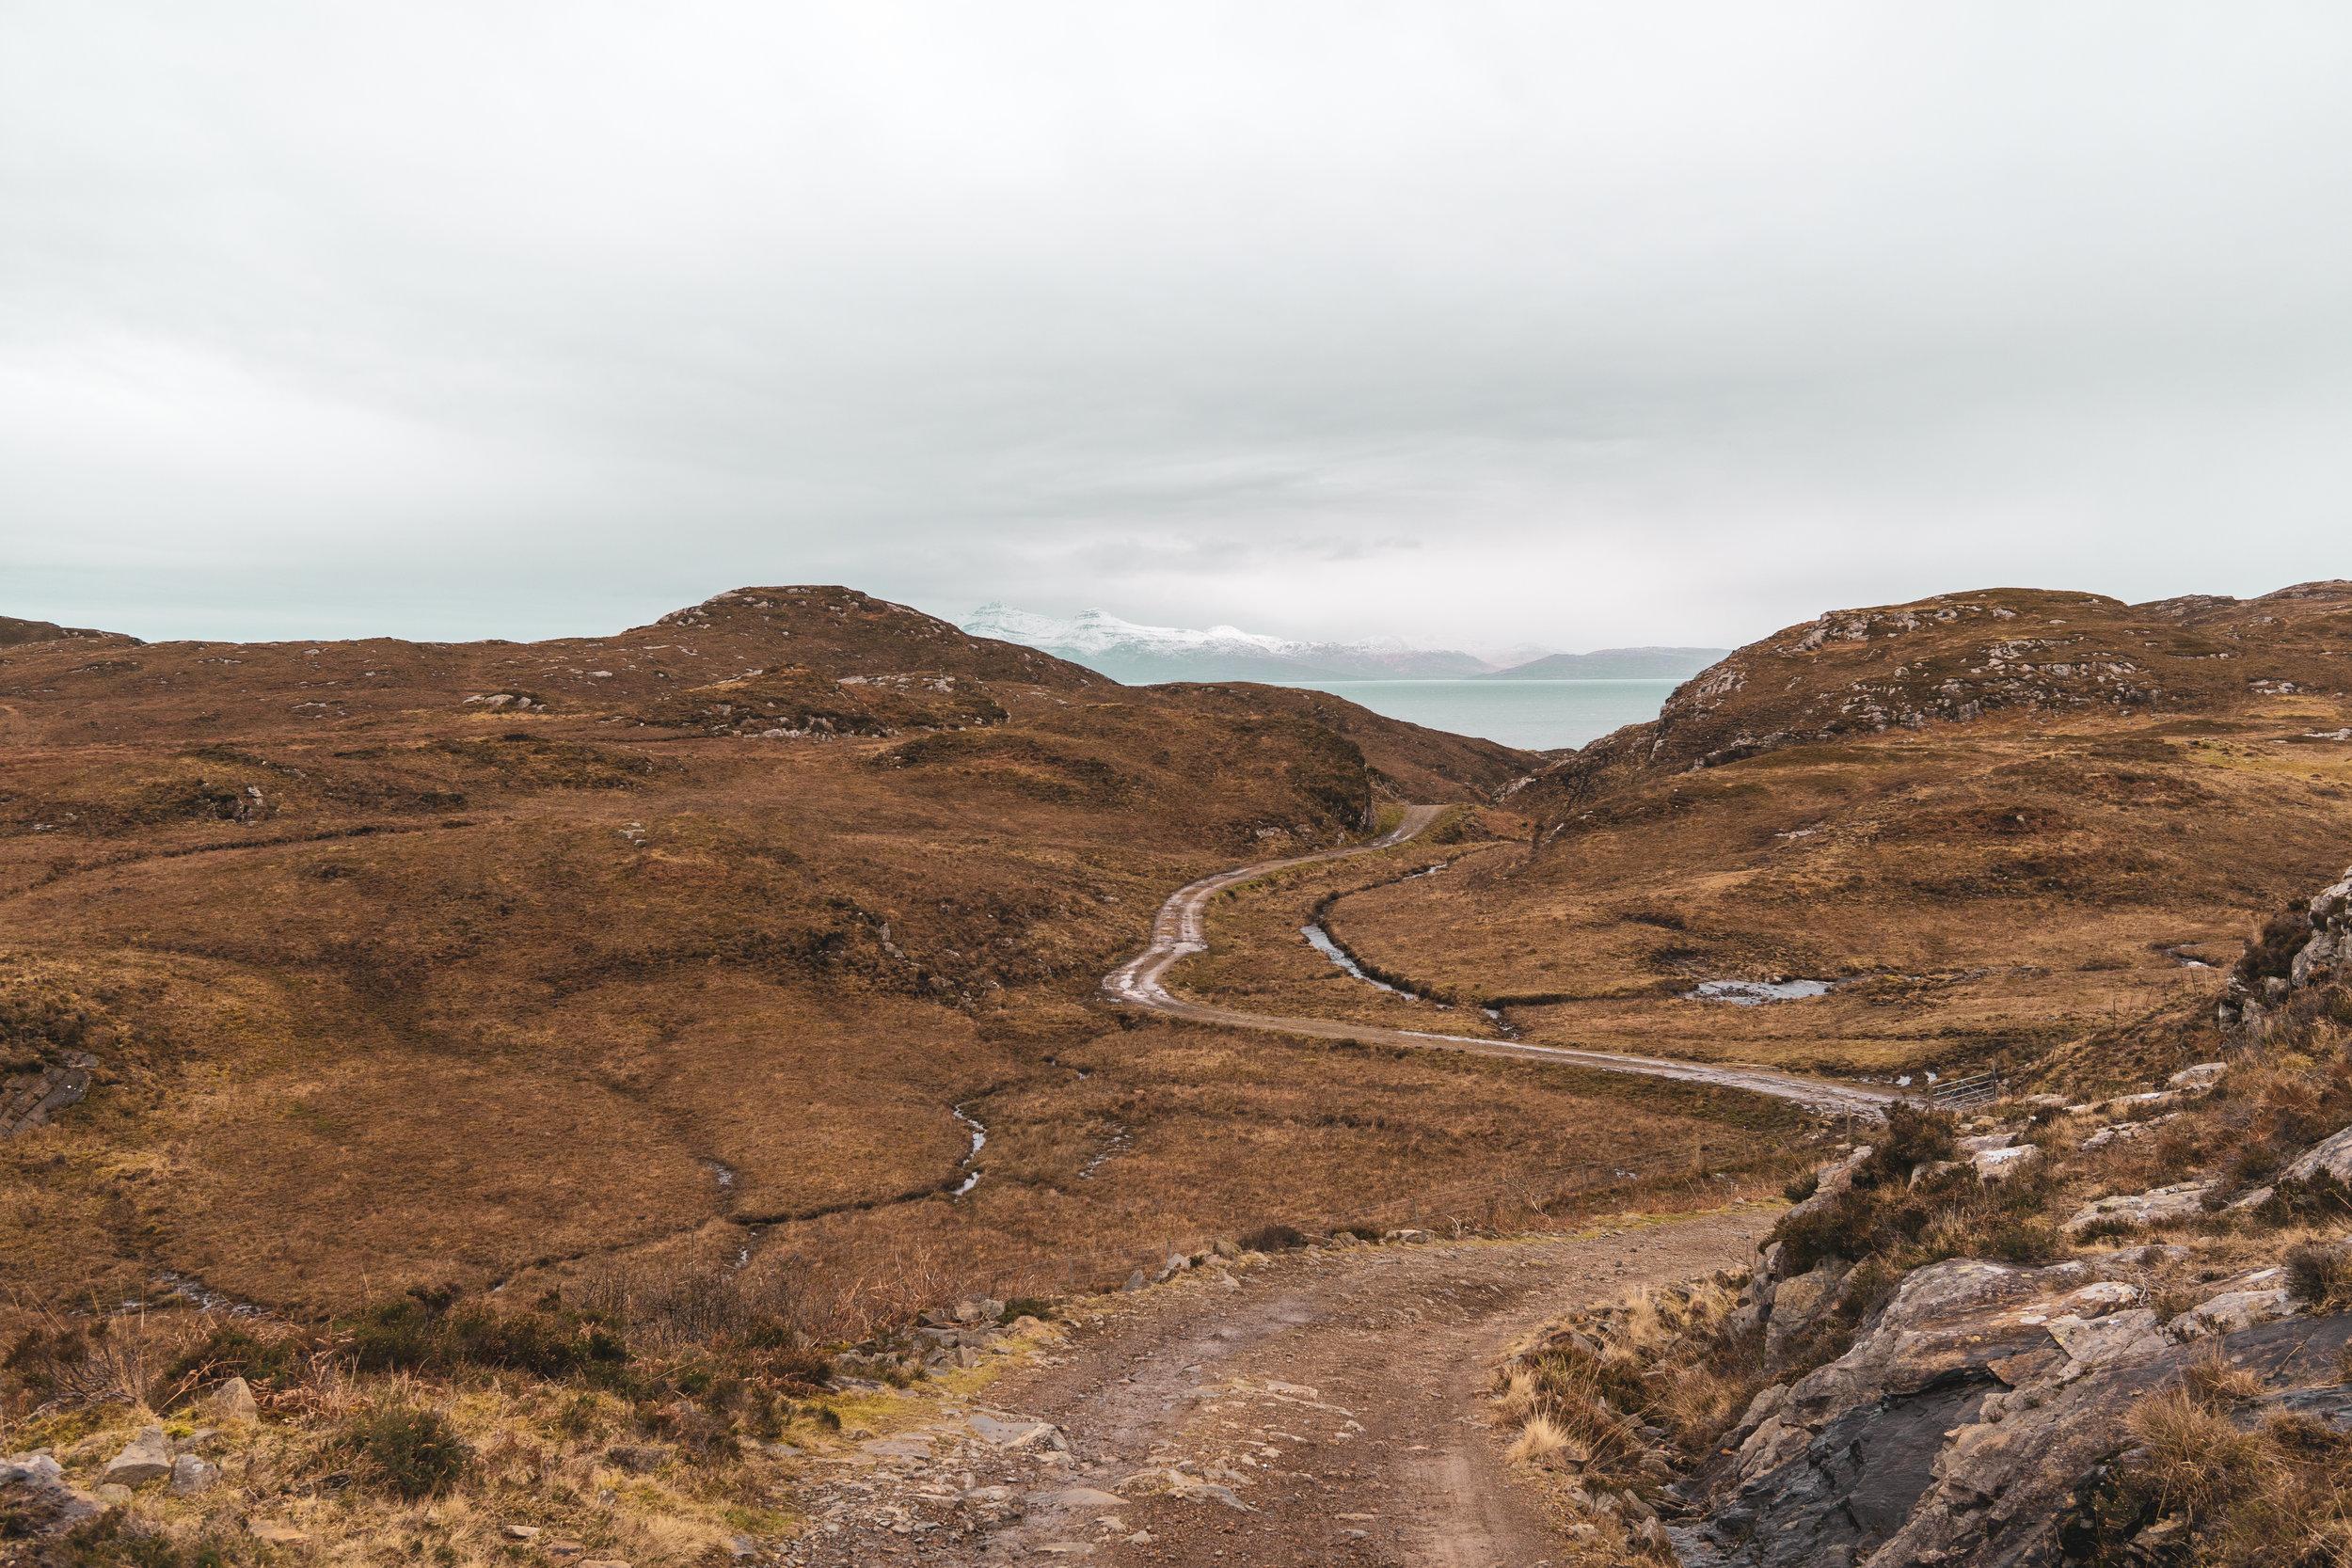 Isle-of-Skye-Point-of-Sleat (9).jpg